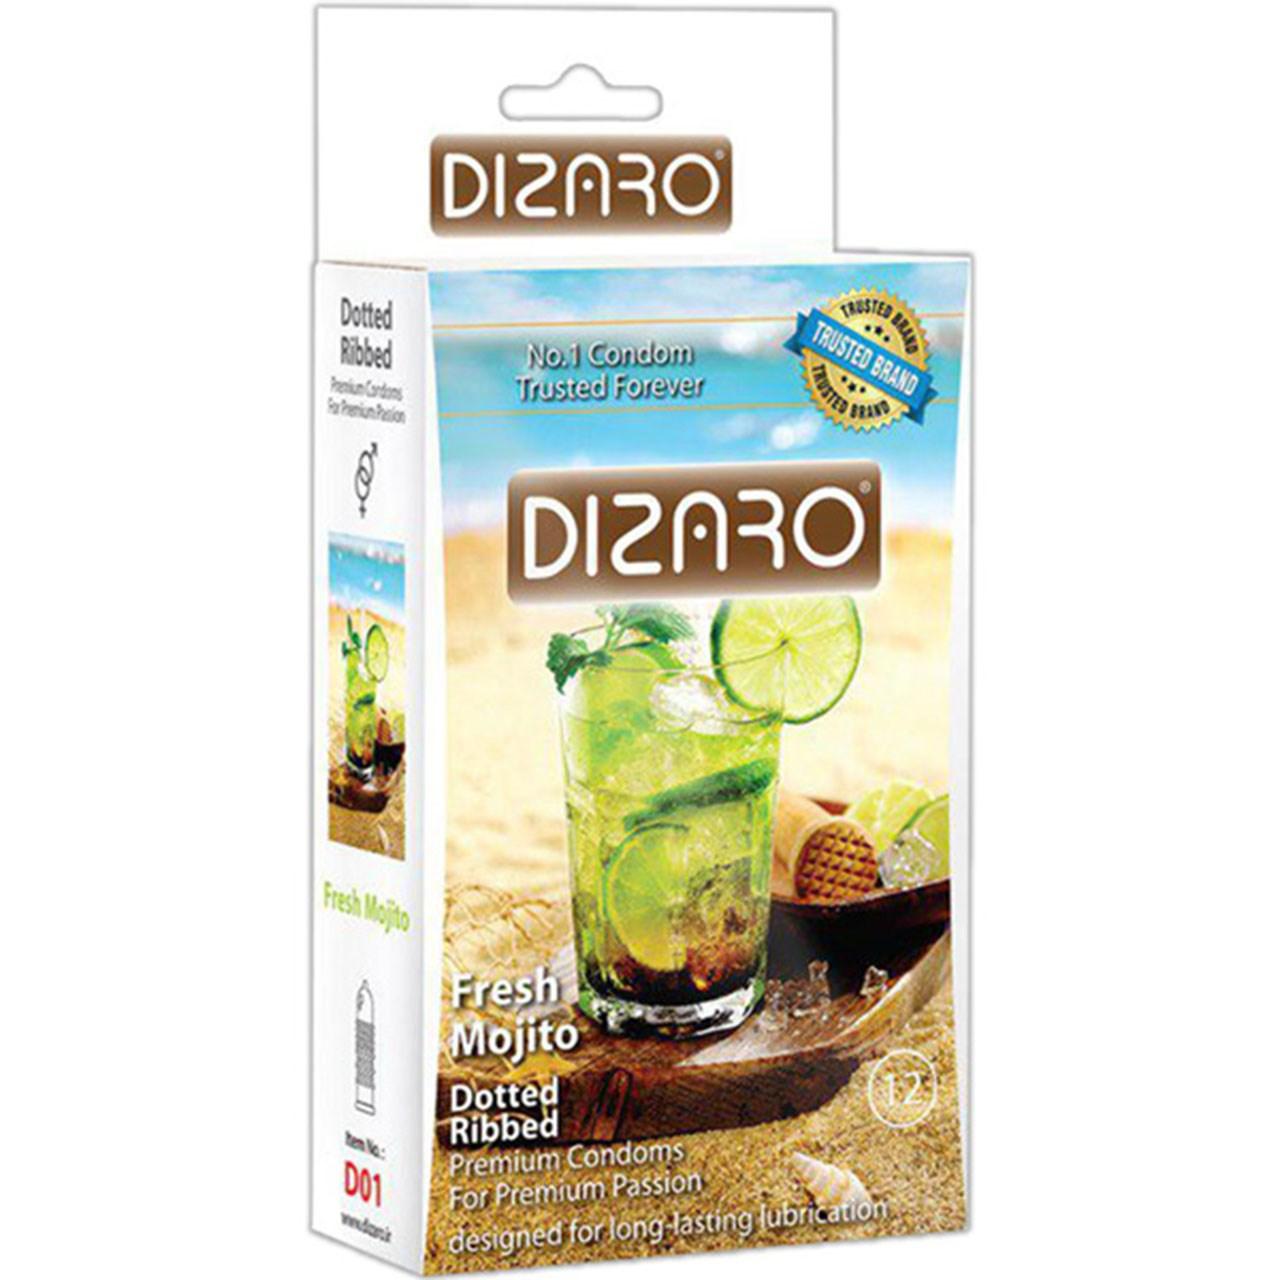 قیمت کاندوم خاردار و شیاردار  دیزارو مدل fresh mojito بسته 12 عددی